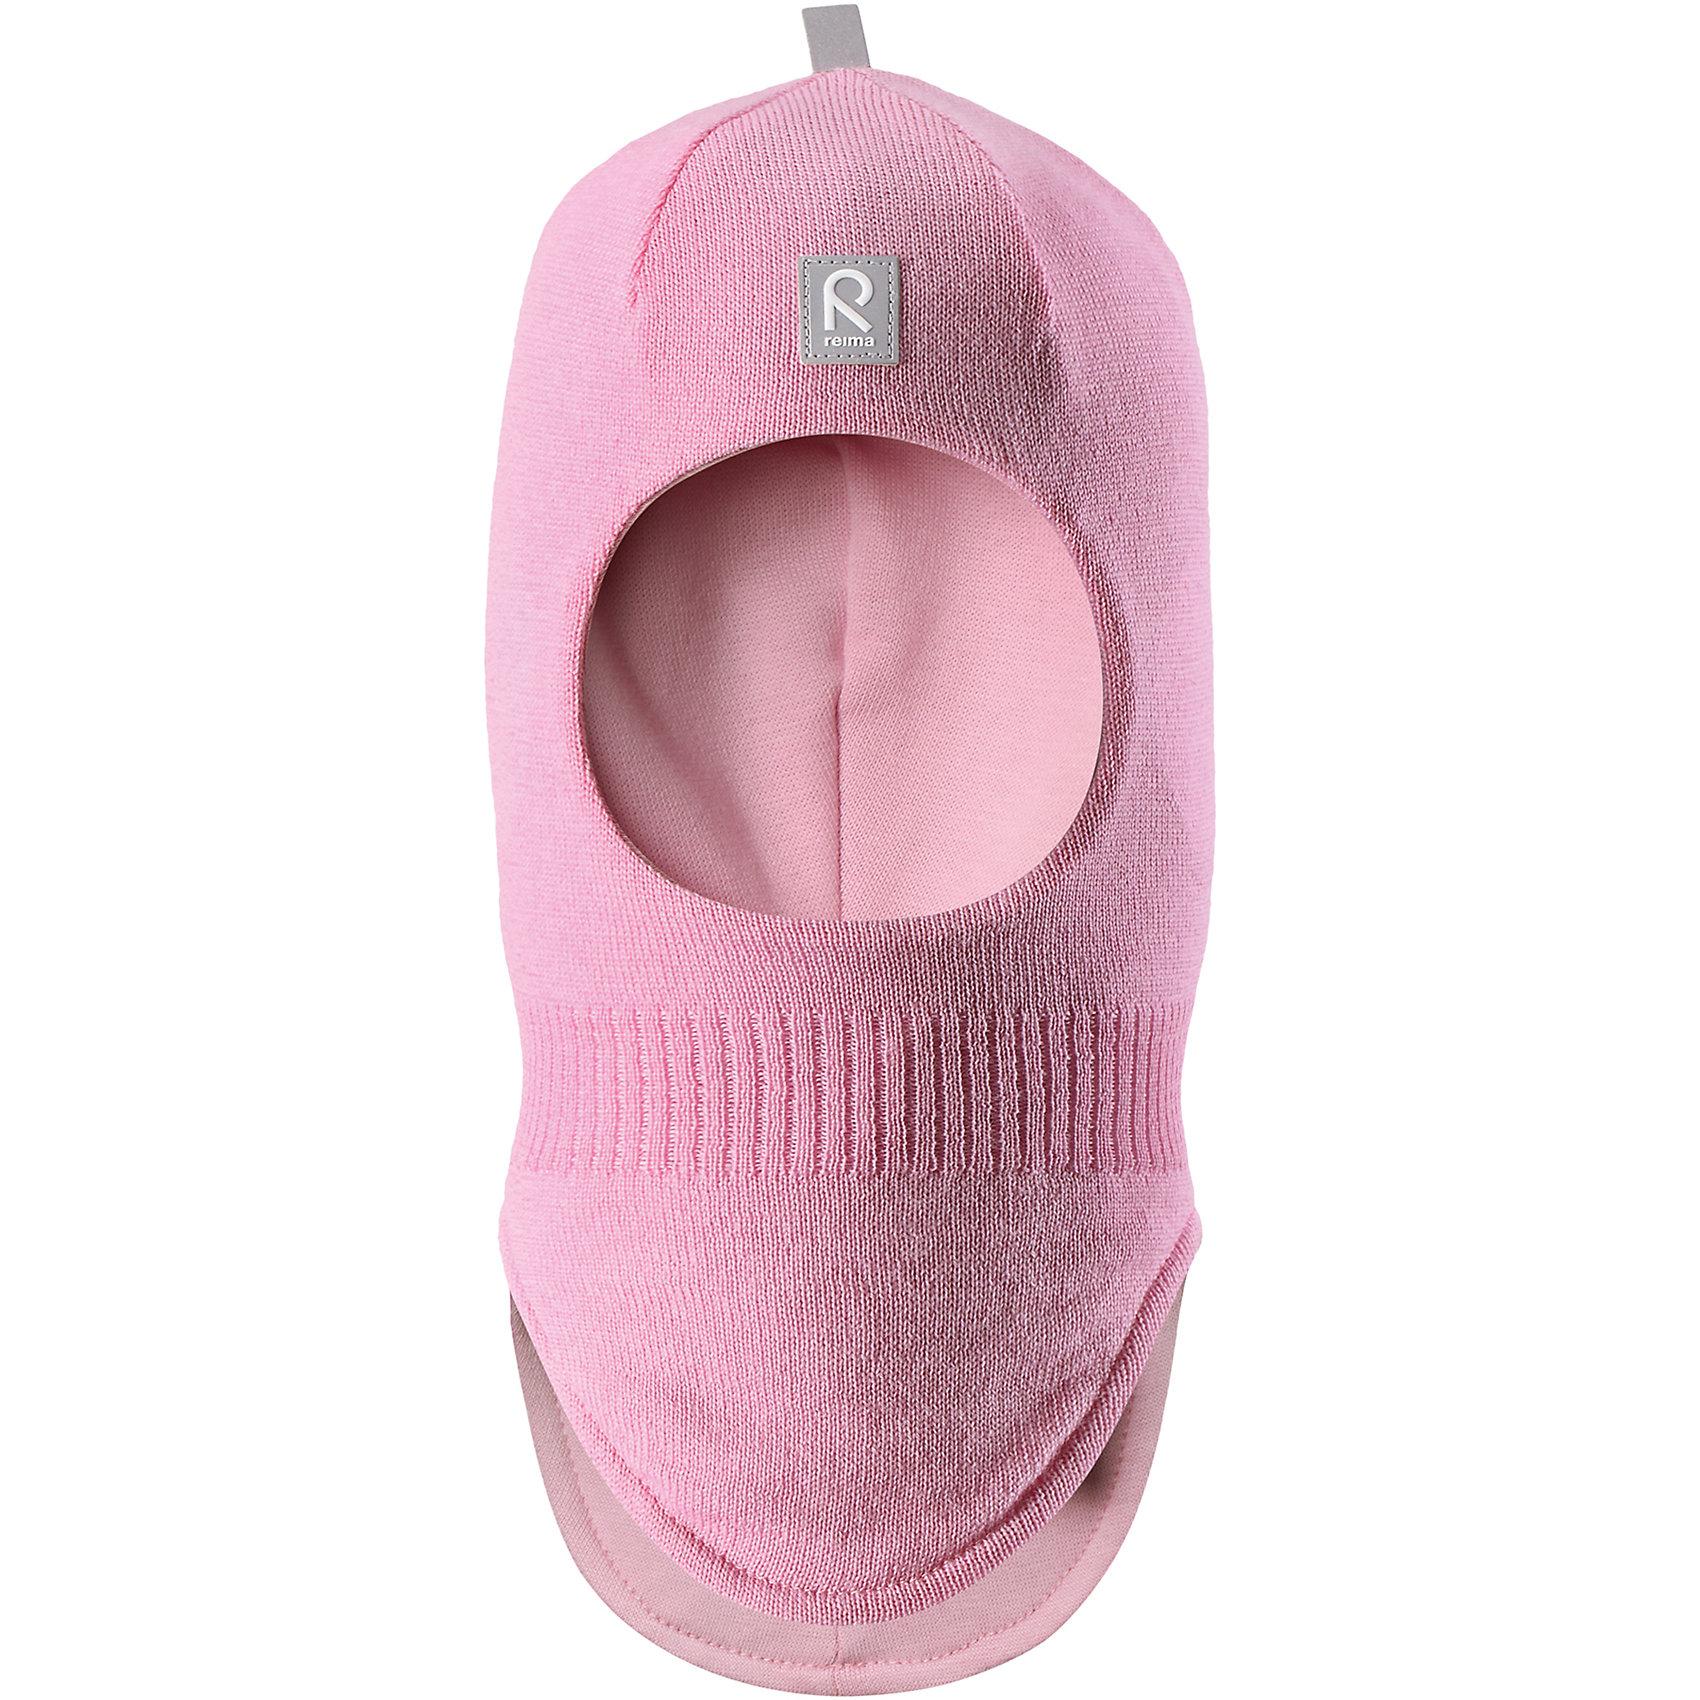 Шапка-шлем Reima StarrieГоловные уборы<br>Характеристики товара:<br><br>• цвет: розовый;<br>• состав: 100% шерсть;<br>• подкладка: 97% хлопок, 3% эластан<br>• температурный режим: от 0 до -20С;<br>• сезон: зима; <br>• особенности модели: вязаная, на подкладке;<br>• мягкая ткань из мериносовой шерсти для поддержания идеальной температуры тела;<br>• сплошная подкладка: хлопковый трикотаж с эластаном;<br>• ветронепроницаемые вставки в области ушей;<br>• светоотражающая эмблема;<br>• логотип Reima спереди;<br>• страна бренда: Финляндия;<br>• страна изготовитель: Китай.<br><br>Вязаная шапка-шлем из коллекции Reima® Originals защищает голову малыша в холодную пору. Эта шапка-шлем для малышей и детей постарше связана из теплой шерсти и подшита мягкой на ощупь подкладкой из смеси хлопка и эластана, которая удобно облегает голову.<br><br>Ветронепроницаемые вставки в области ушей, вшитые между подкладкой и верхним слоем, защищают ушки от холодного ветра. Эта классическая модель хорошо закрывает лоб, щечки и шею. <br><br>Шапка-шлем Reima Starrie от финского бренда Reima (Рейма) можно купить в нашем интернет-магазине.<br><br>Ширина мм: 89<br>Глубина мм: 117<br>Высота мм: 44<br>Вес г: 155<br>Цвет: розовый<br>Возраст от месяцев: 72<br>Возраст до месяцев: 84<br>Пол: Унисекс<br>Возраст: Детский<br>Размер: 54,46,48,50,52<br>SKU: 6906970